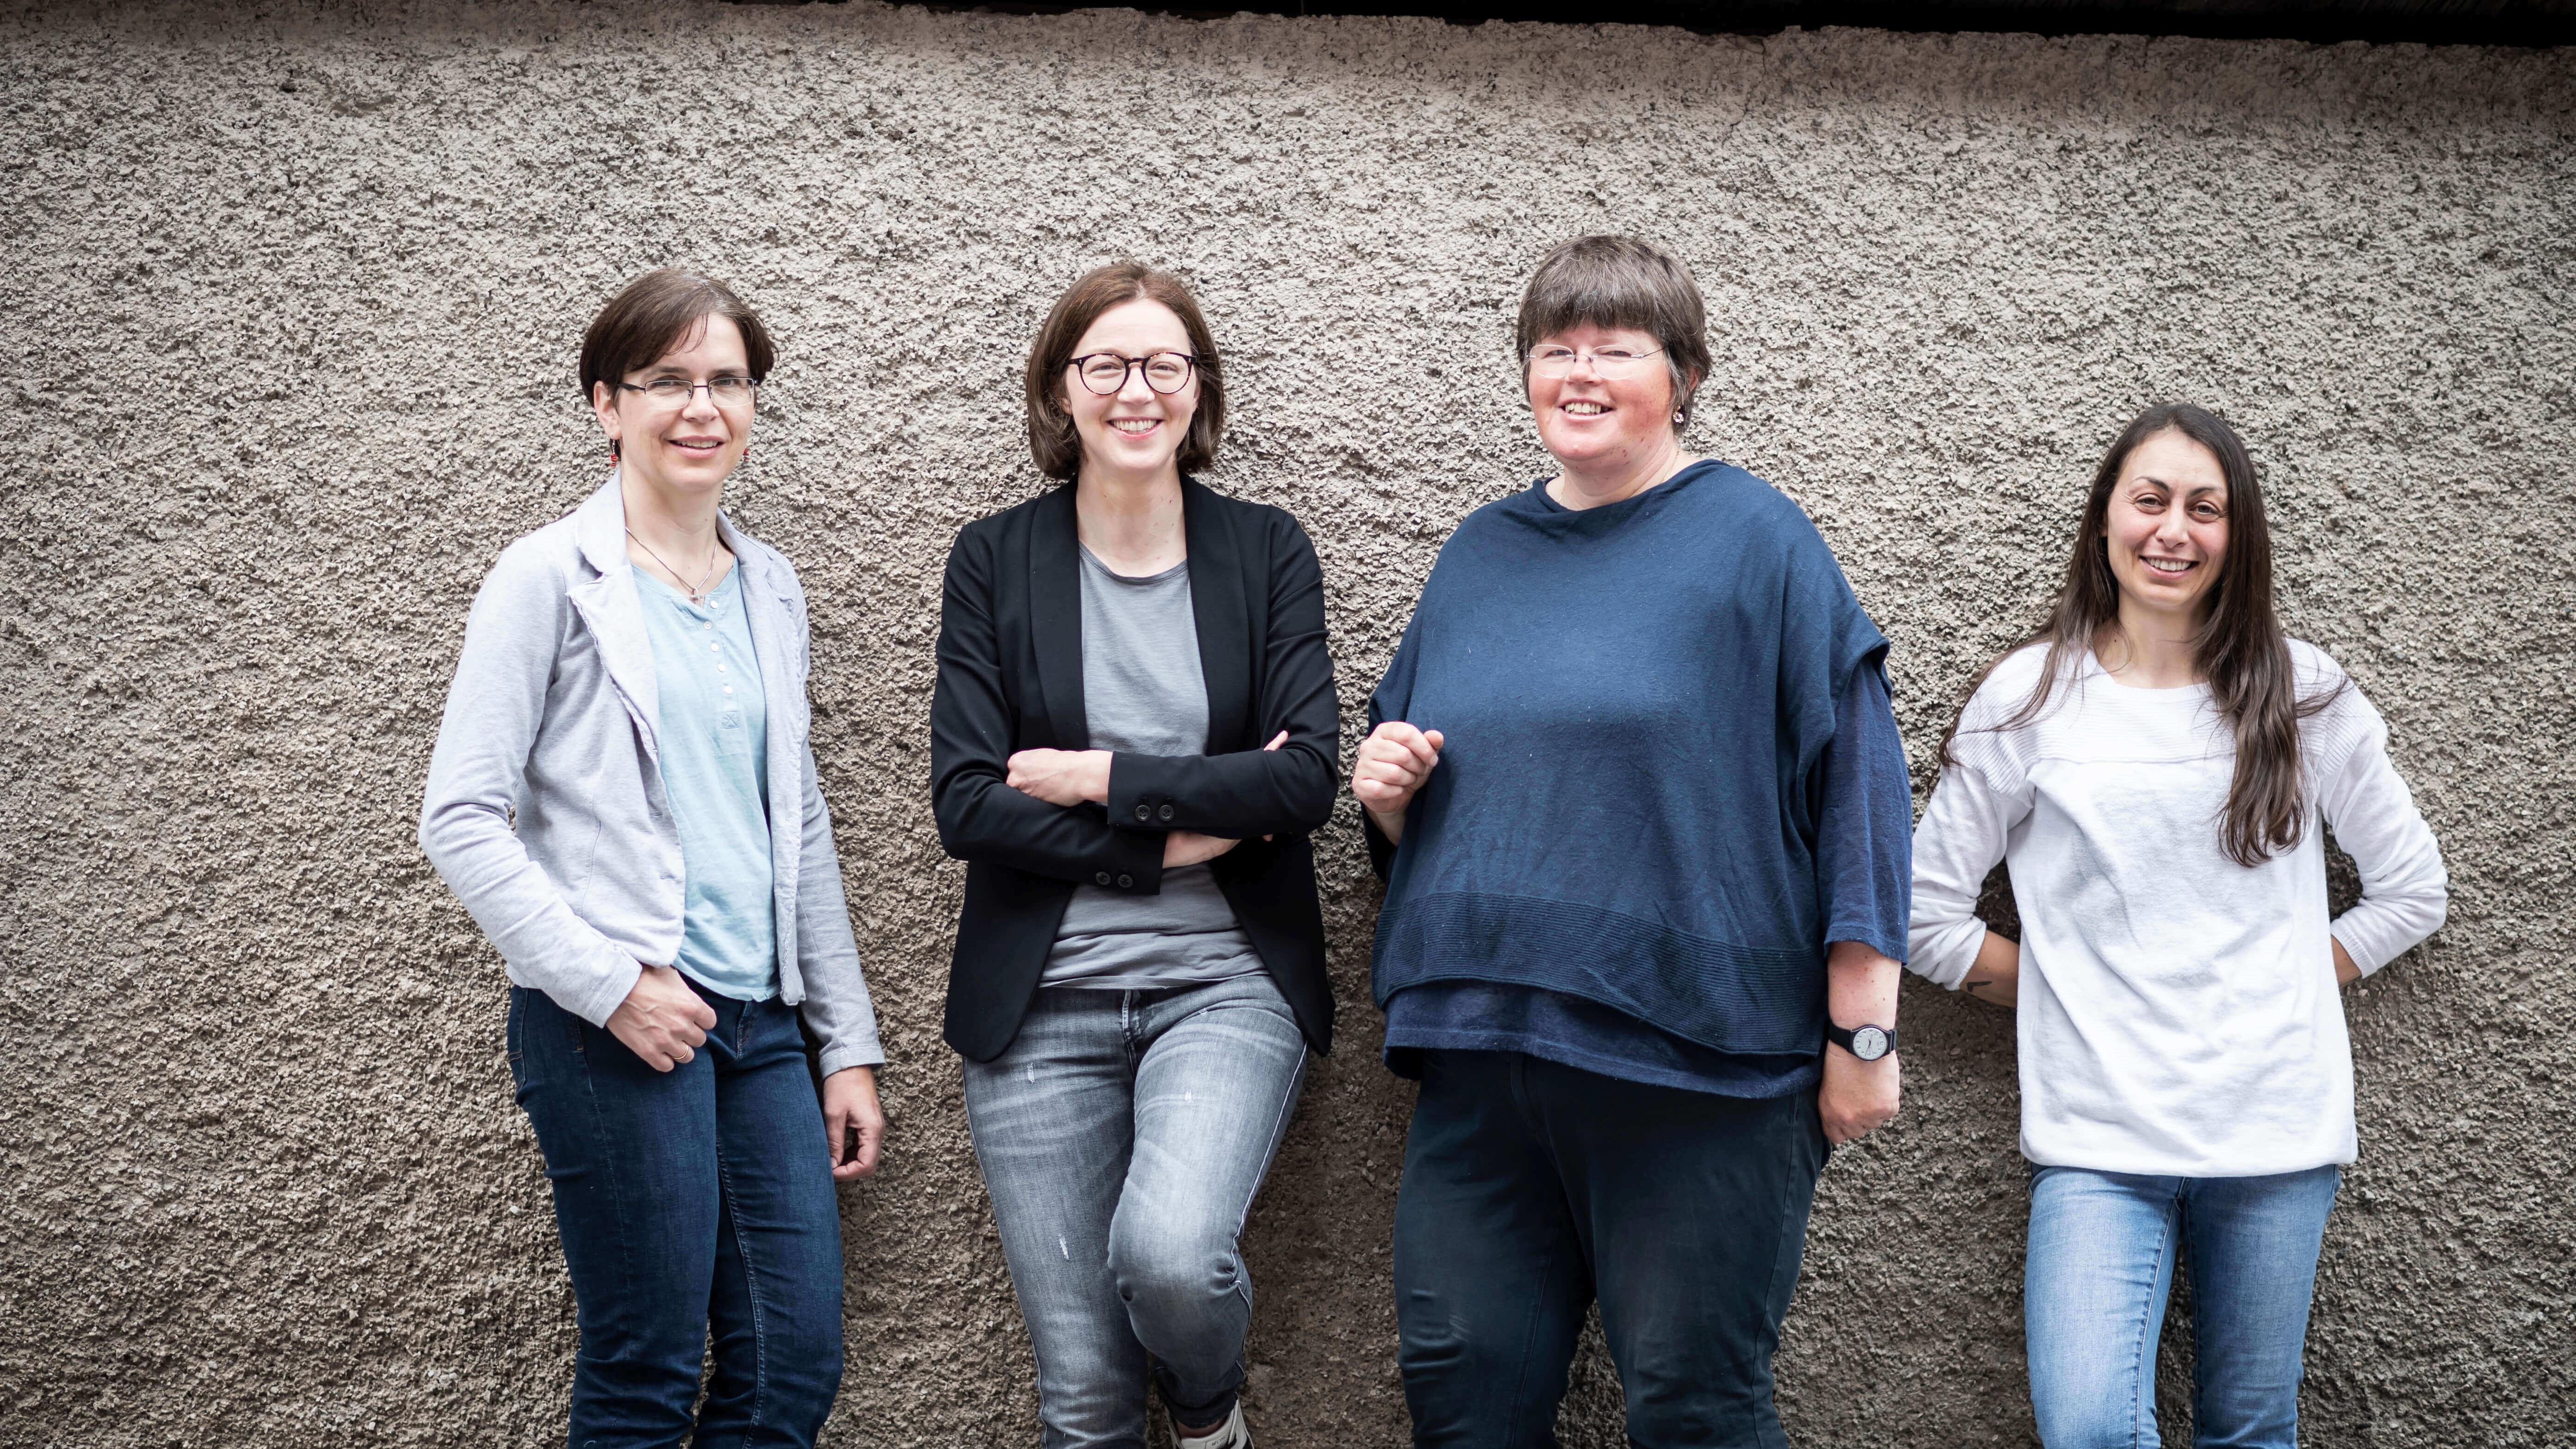 Das Team vom Hutmgeschäft Zacher in Innichen:  Doris, Christina, Hedwig und Miriam